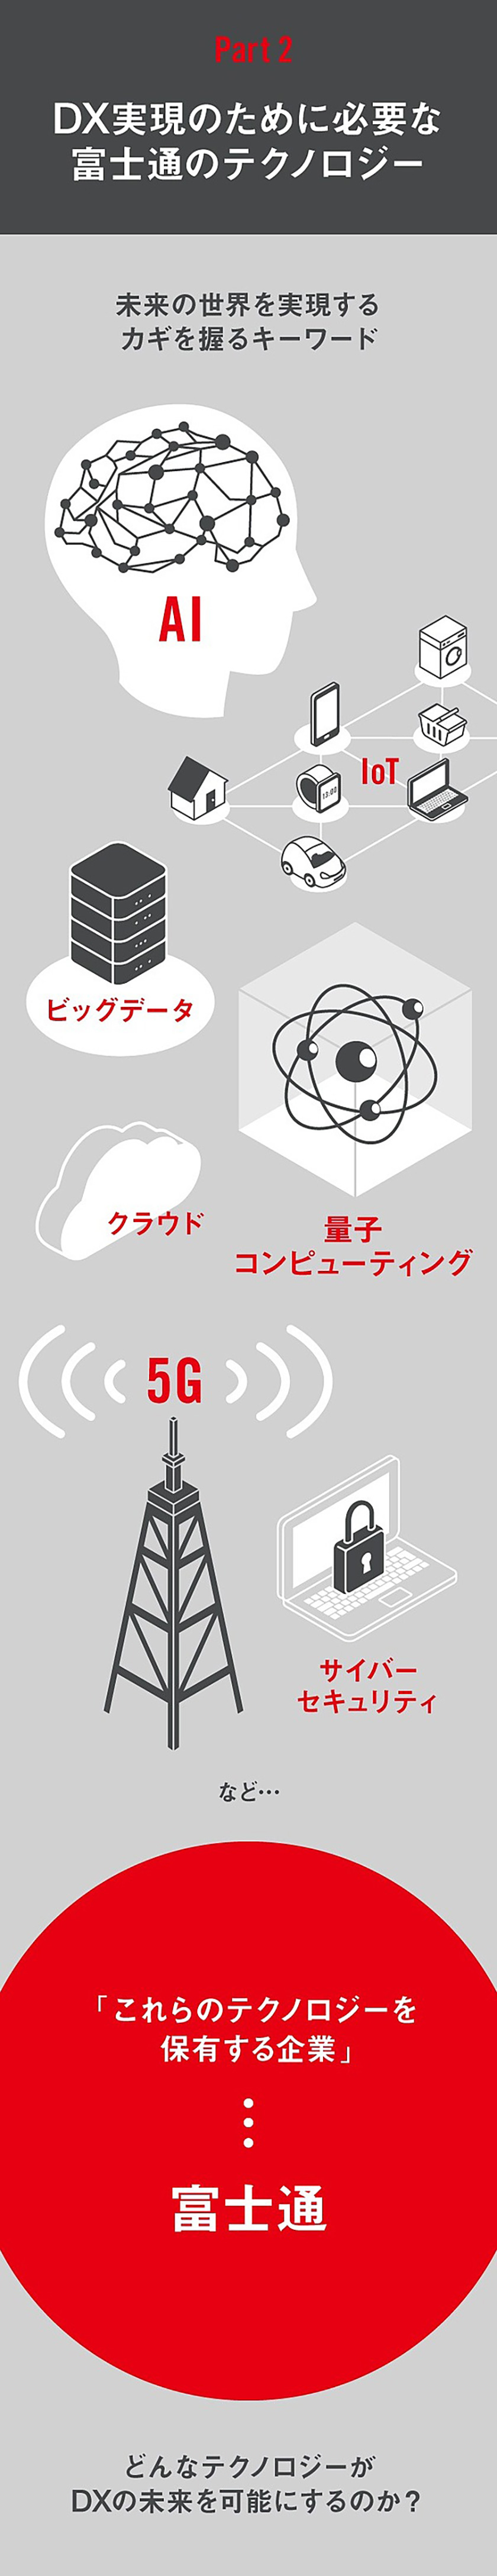 図 : パート2 DX実現のために必要な富士通のテクノロジー 未来の世界を実現するカギを握るキーワード、AI、IoT、ビッグデータ、クラウド、量子コンピューティング、5G、サイバーセキュリティなど、「これらのテクノロジーを保有する企業」が富士通。 どんなテクノロジーがDXの未来を可能にするのか?